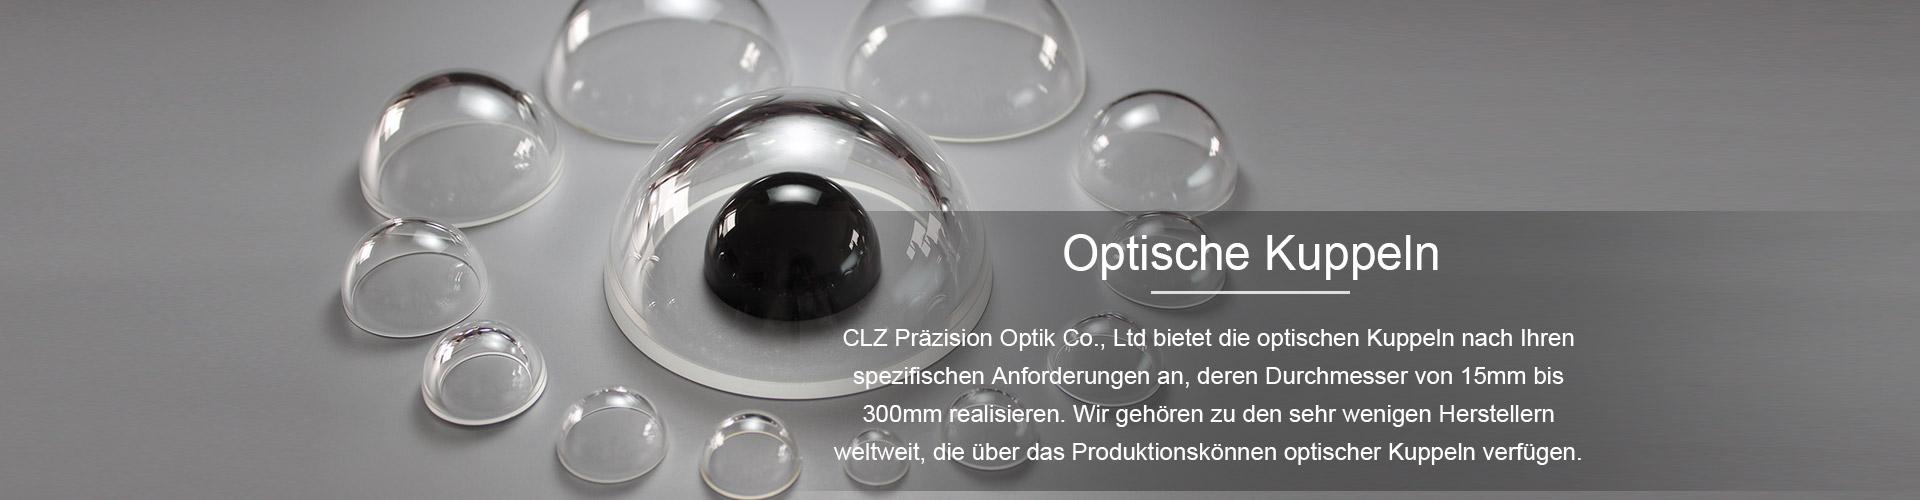 Optische Kuppeln